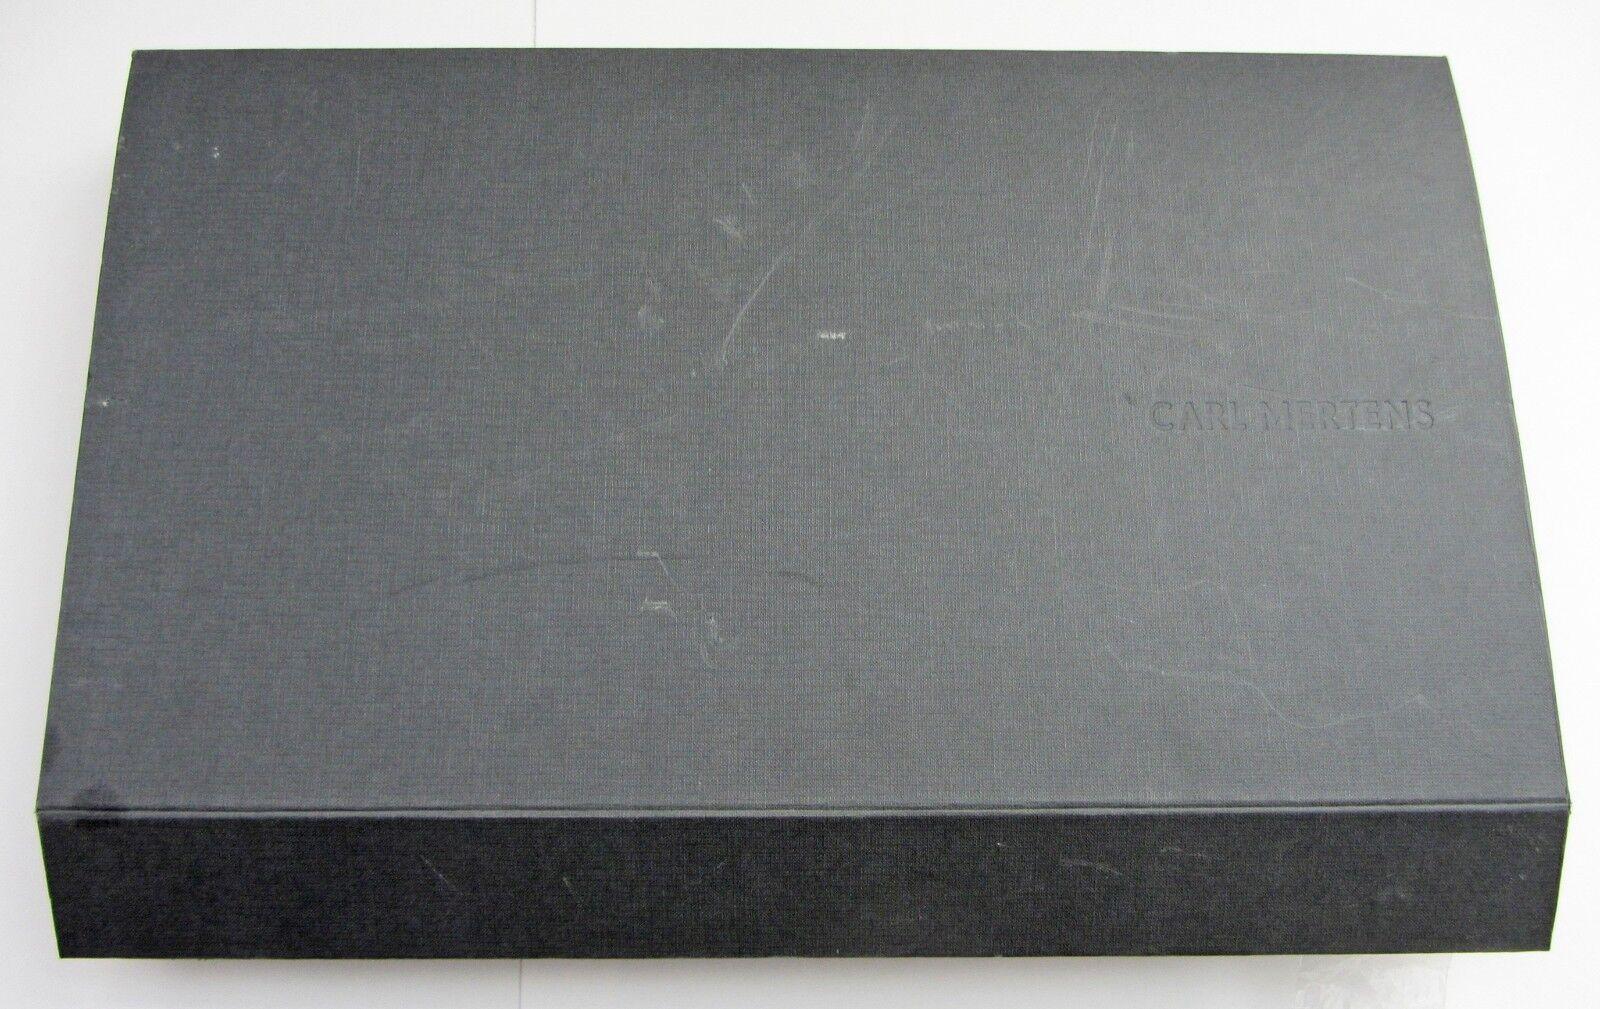 NEW Carl Mertens VERSAILLES Flatware SET Solingen Germany NOT Complete Complete Complete SET-22pcs 5005da